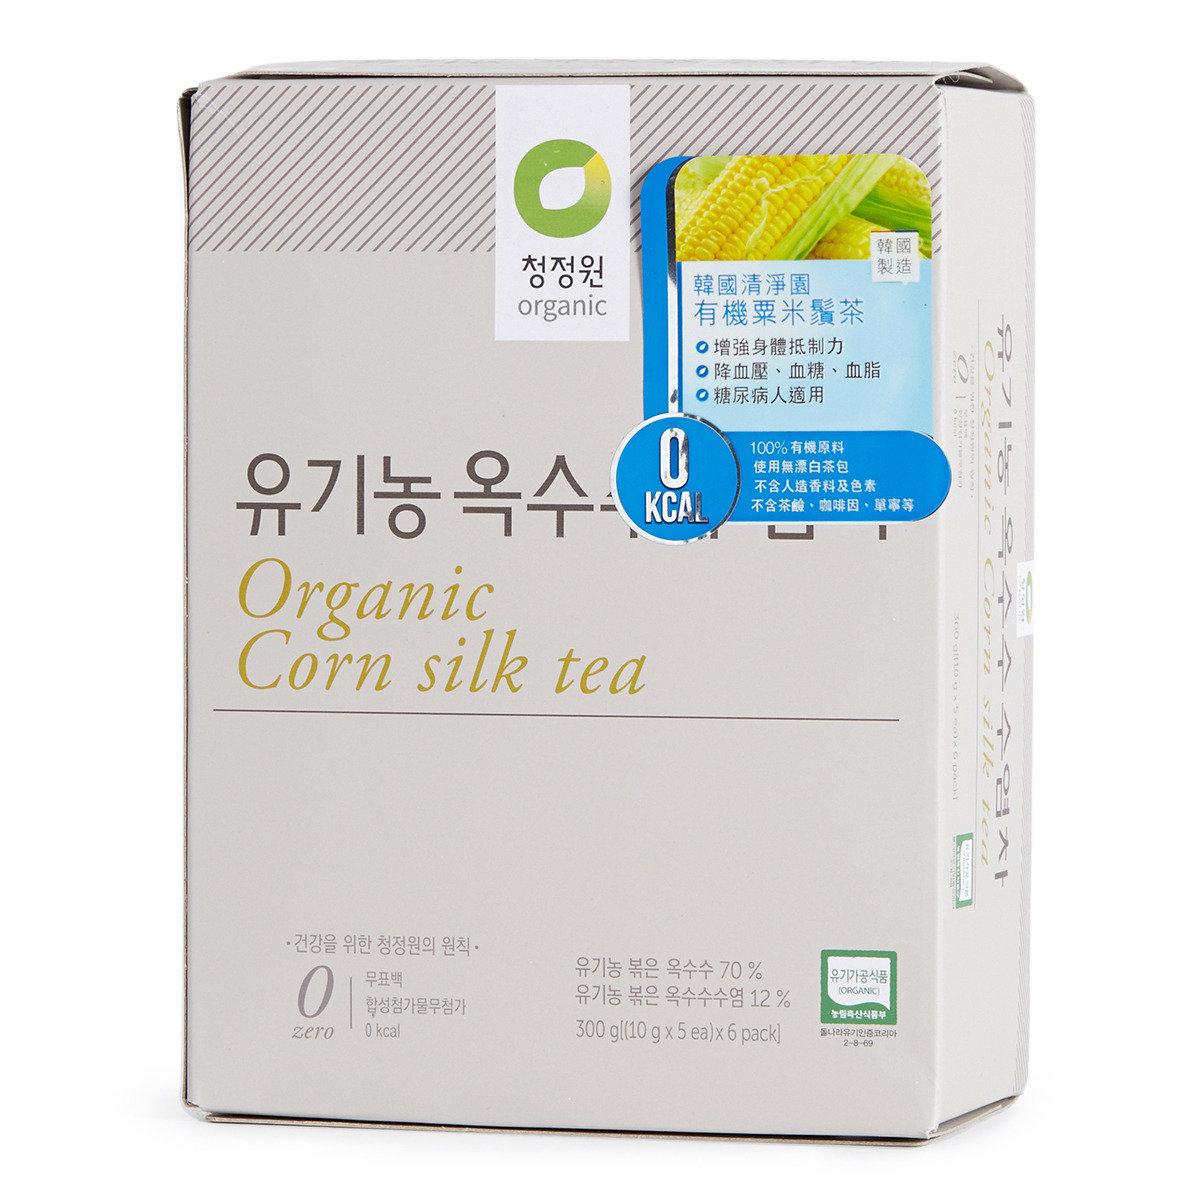 有機粟米鬚茶